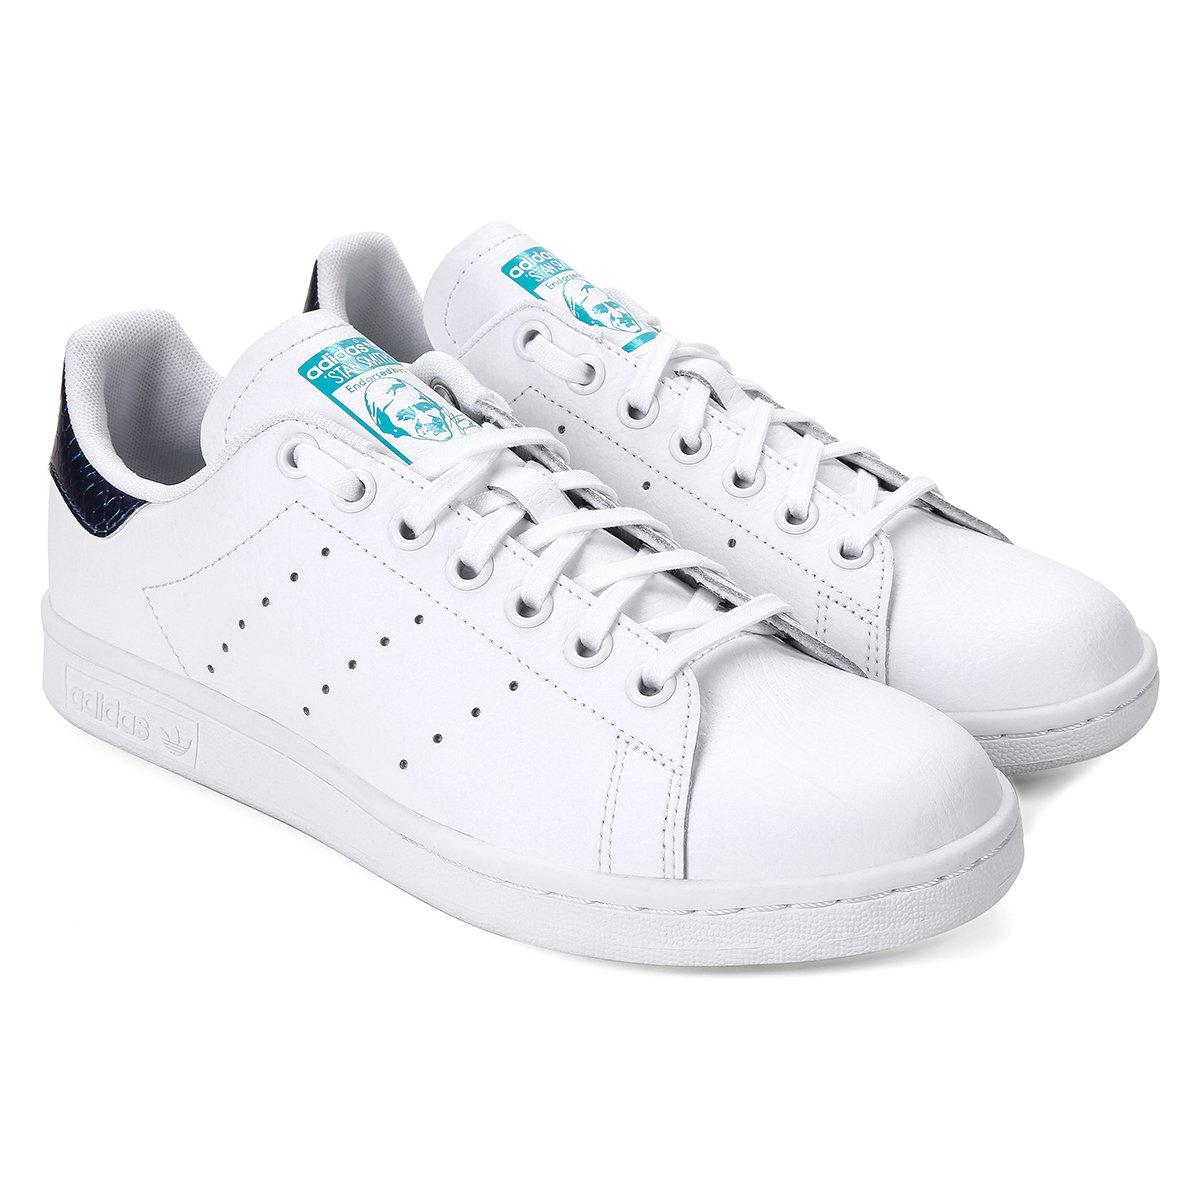 Tênis Infantil Agora Adidas Stan Smith Compre Agora Infantil FREE LACE  da2e49 97f0d726786ea